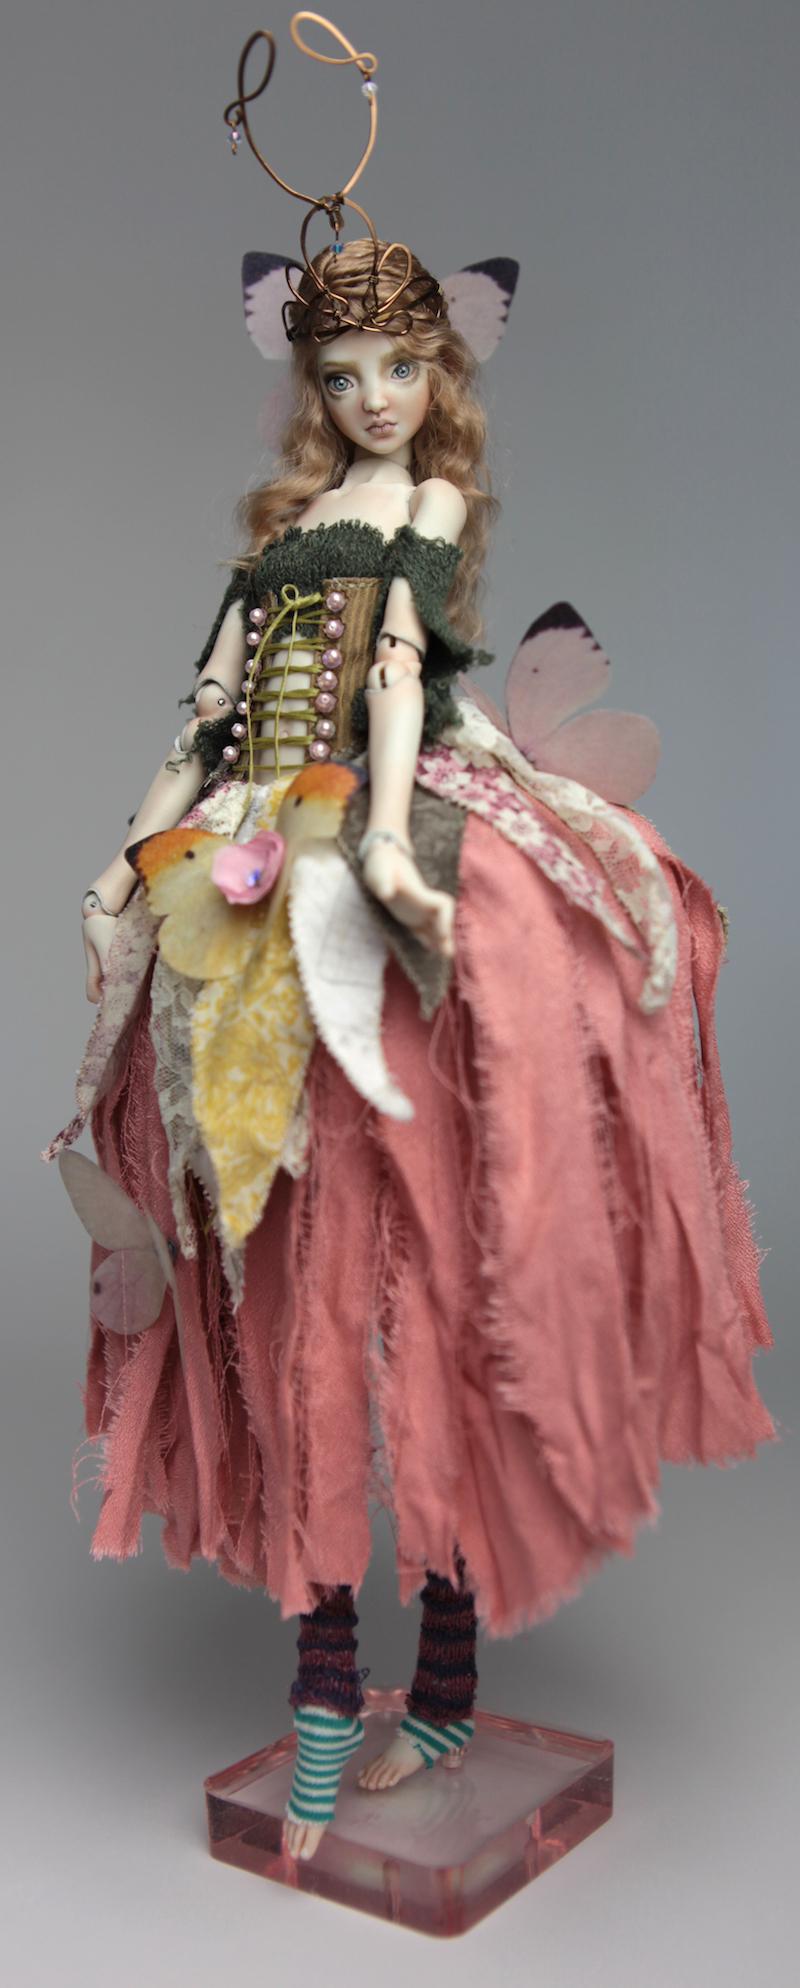 BJD Doll Ball Jointed Fairy Ova Sphinx 2018 13 15 Porcelain BJD Fairy Doll, Sphinx